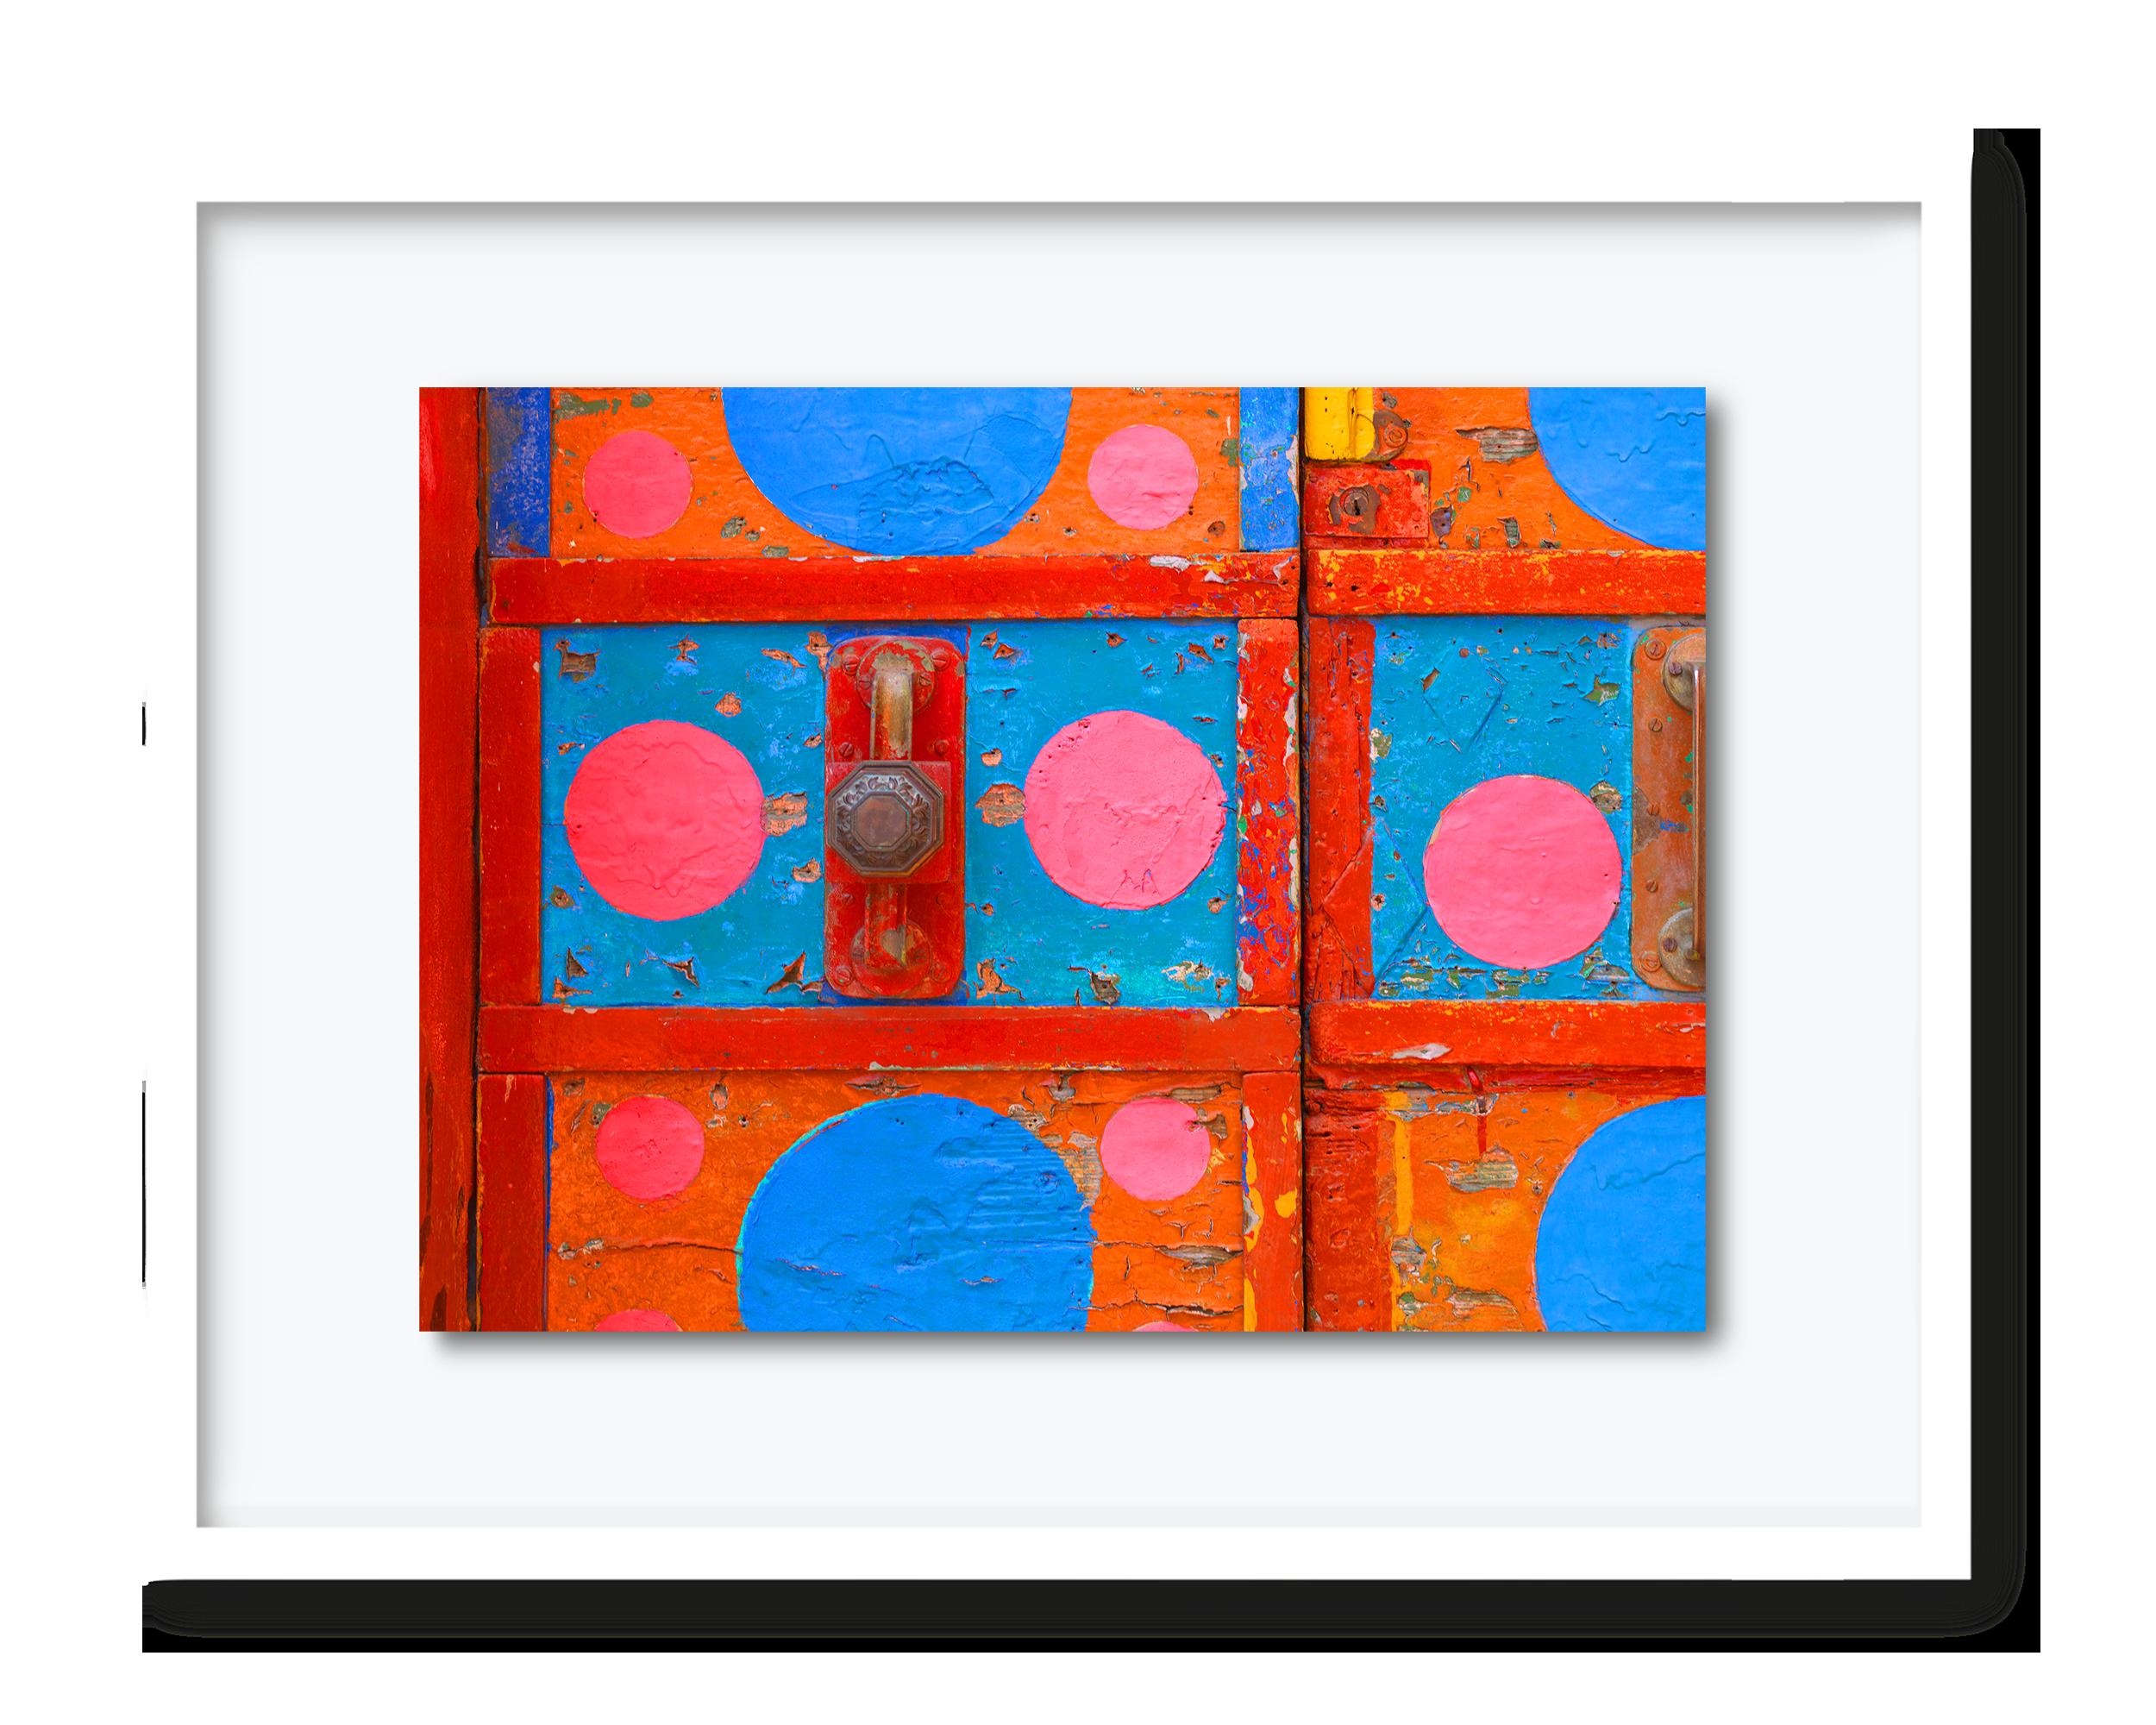 12.david-pearce-coloured-door.png